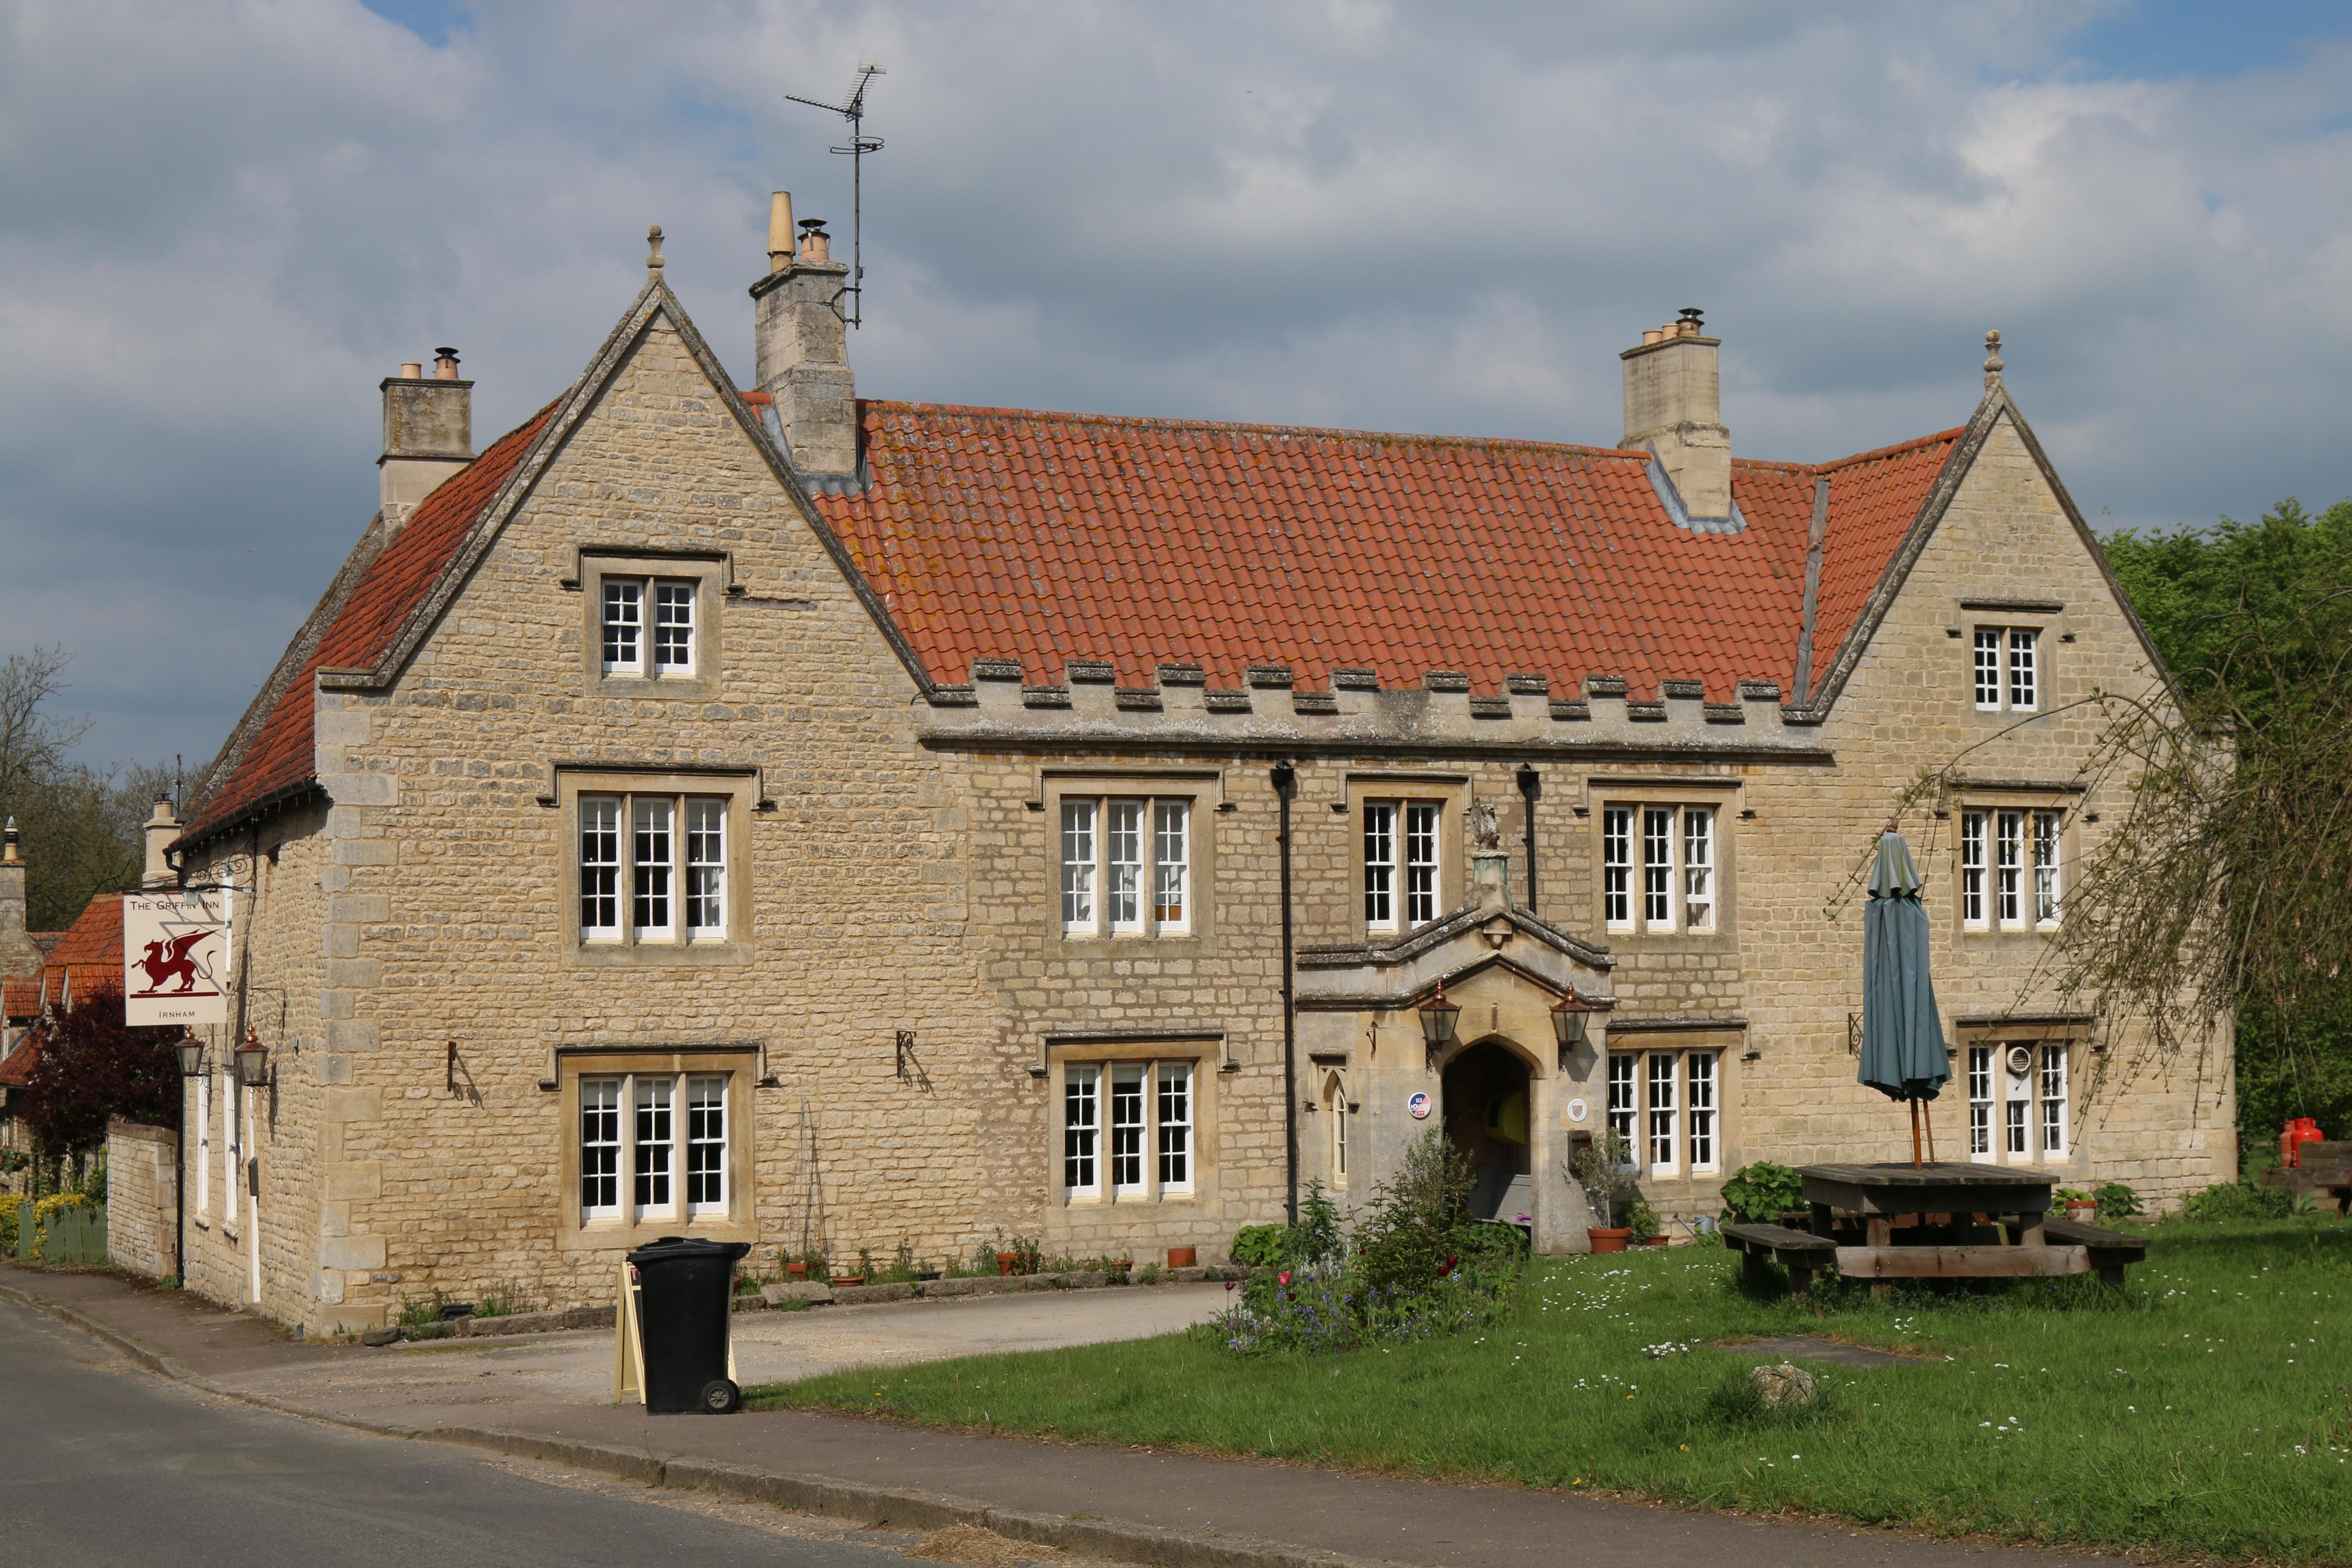 The Griffin Inn at Irnham